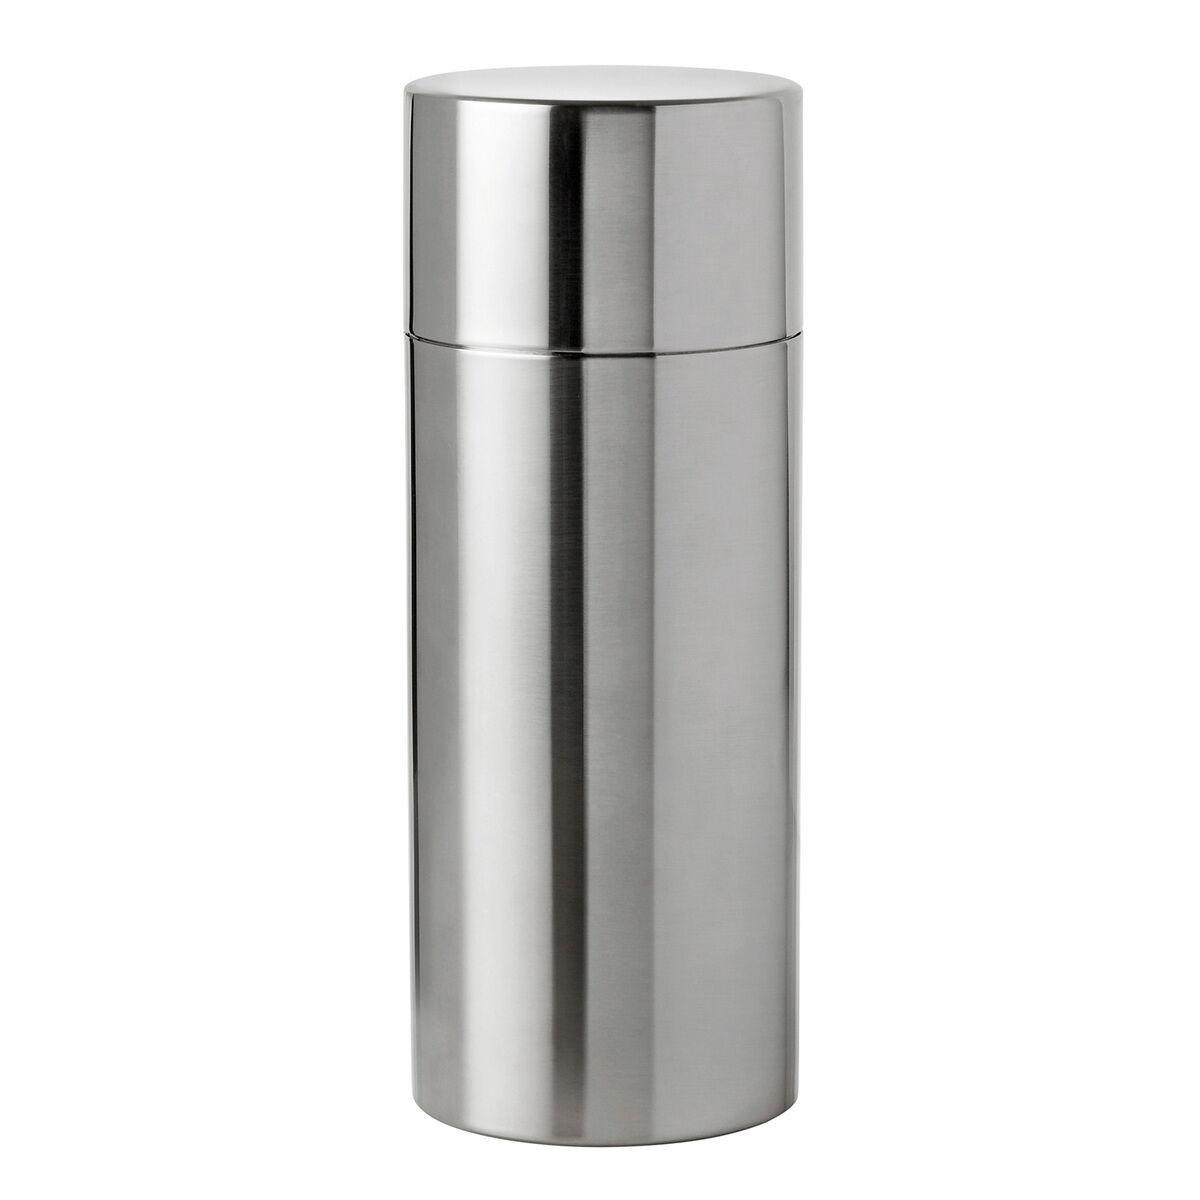 Stelton Arne Jacobsen cocktail shaker